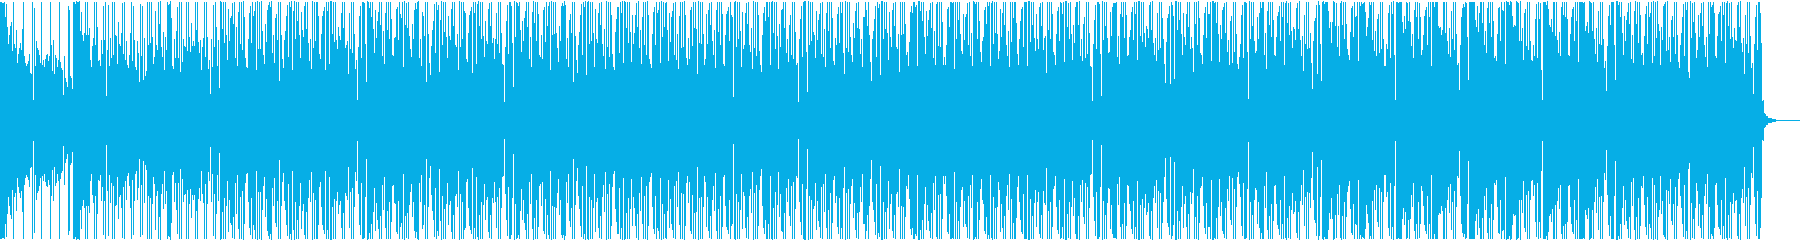 秋、ヒップホップ、ローファイ、夜、クールの再生済みの波形